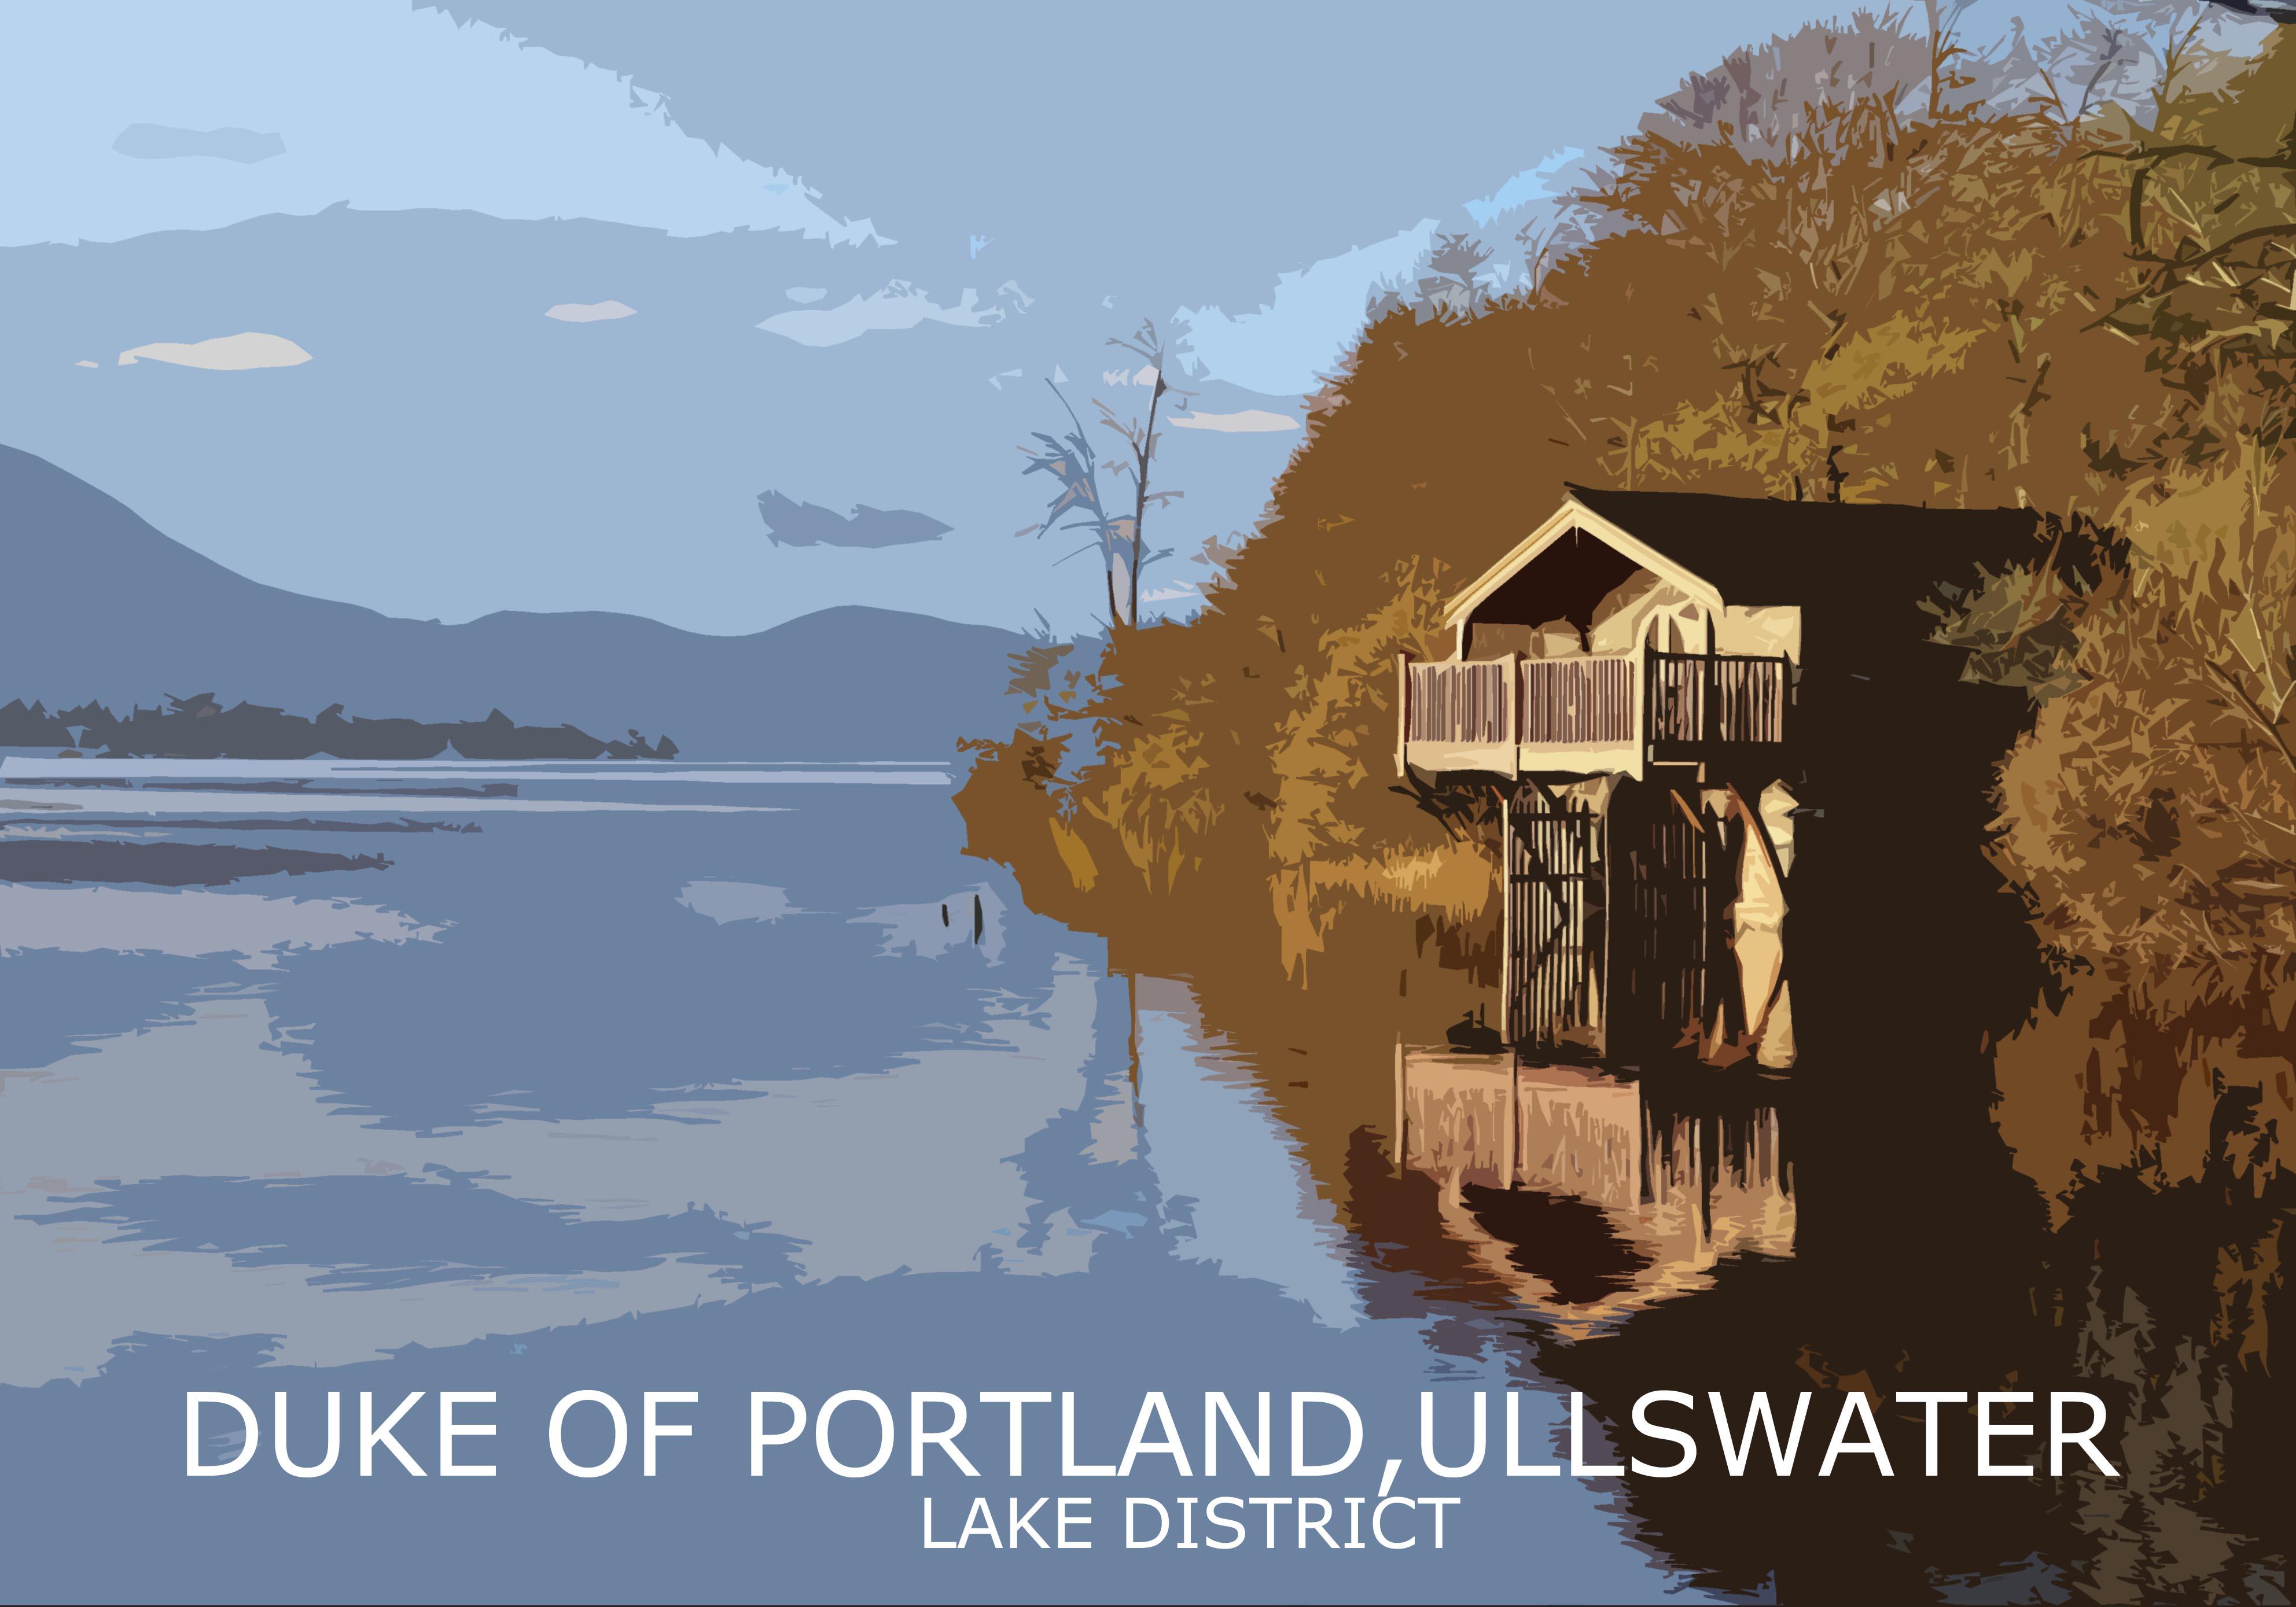 Duke of Portland,Ullswater